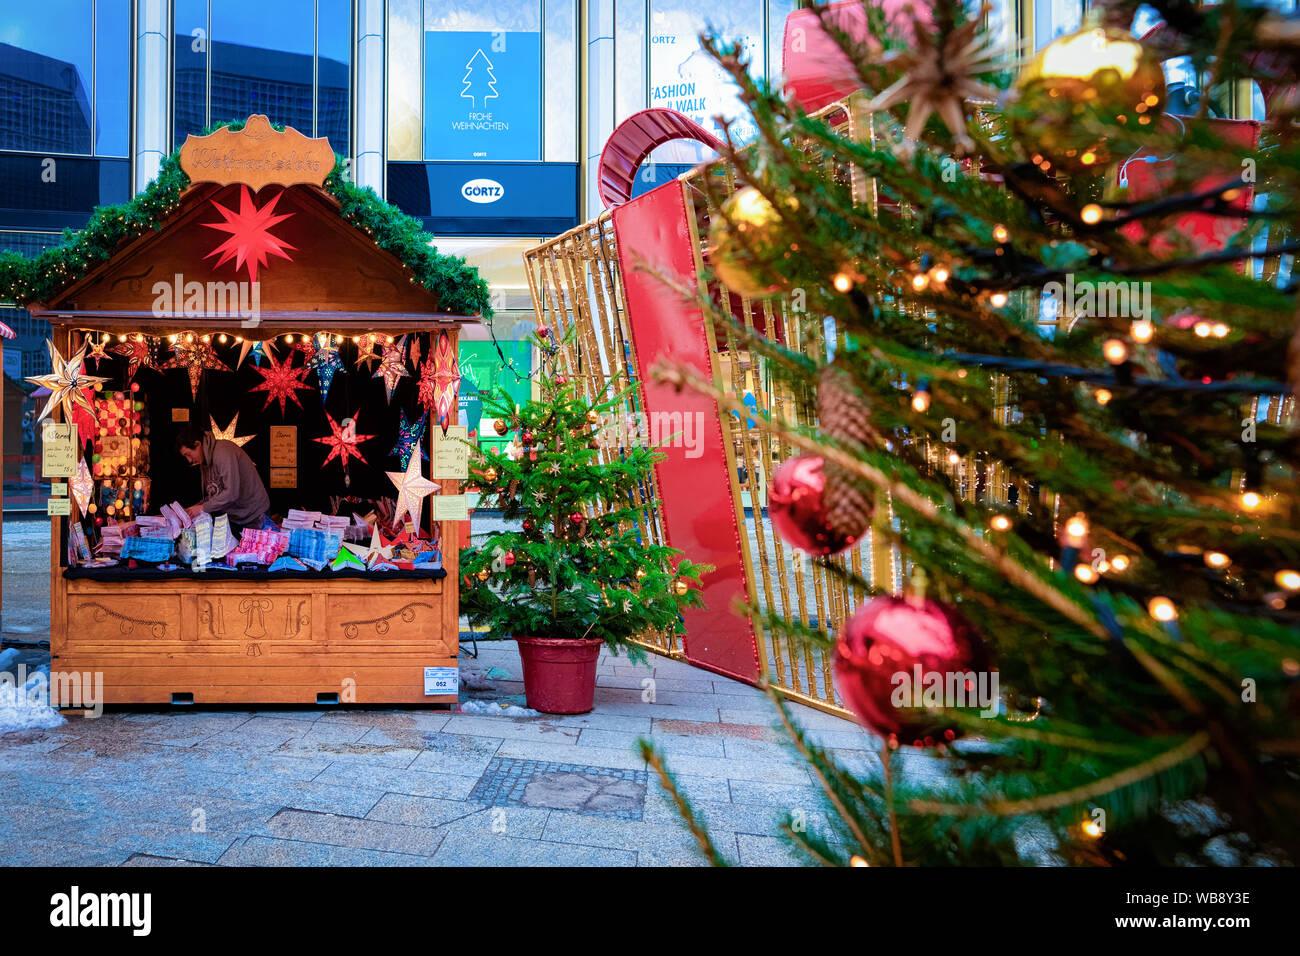 O Christmas Tree In German.Berlin Germany December 11 2017 Christmas Tree On